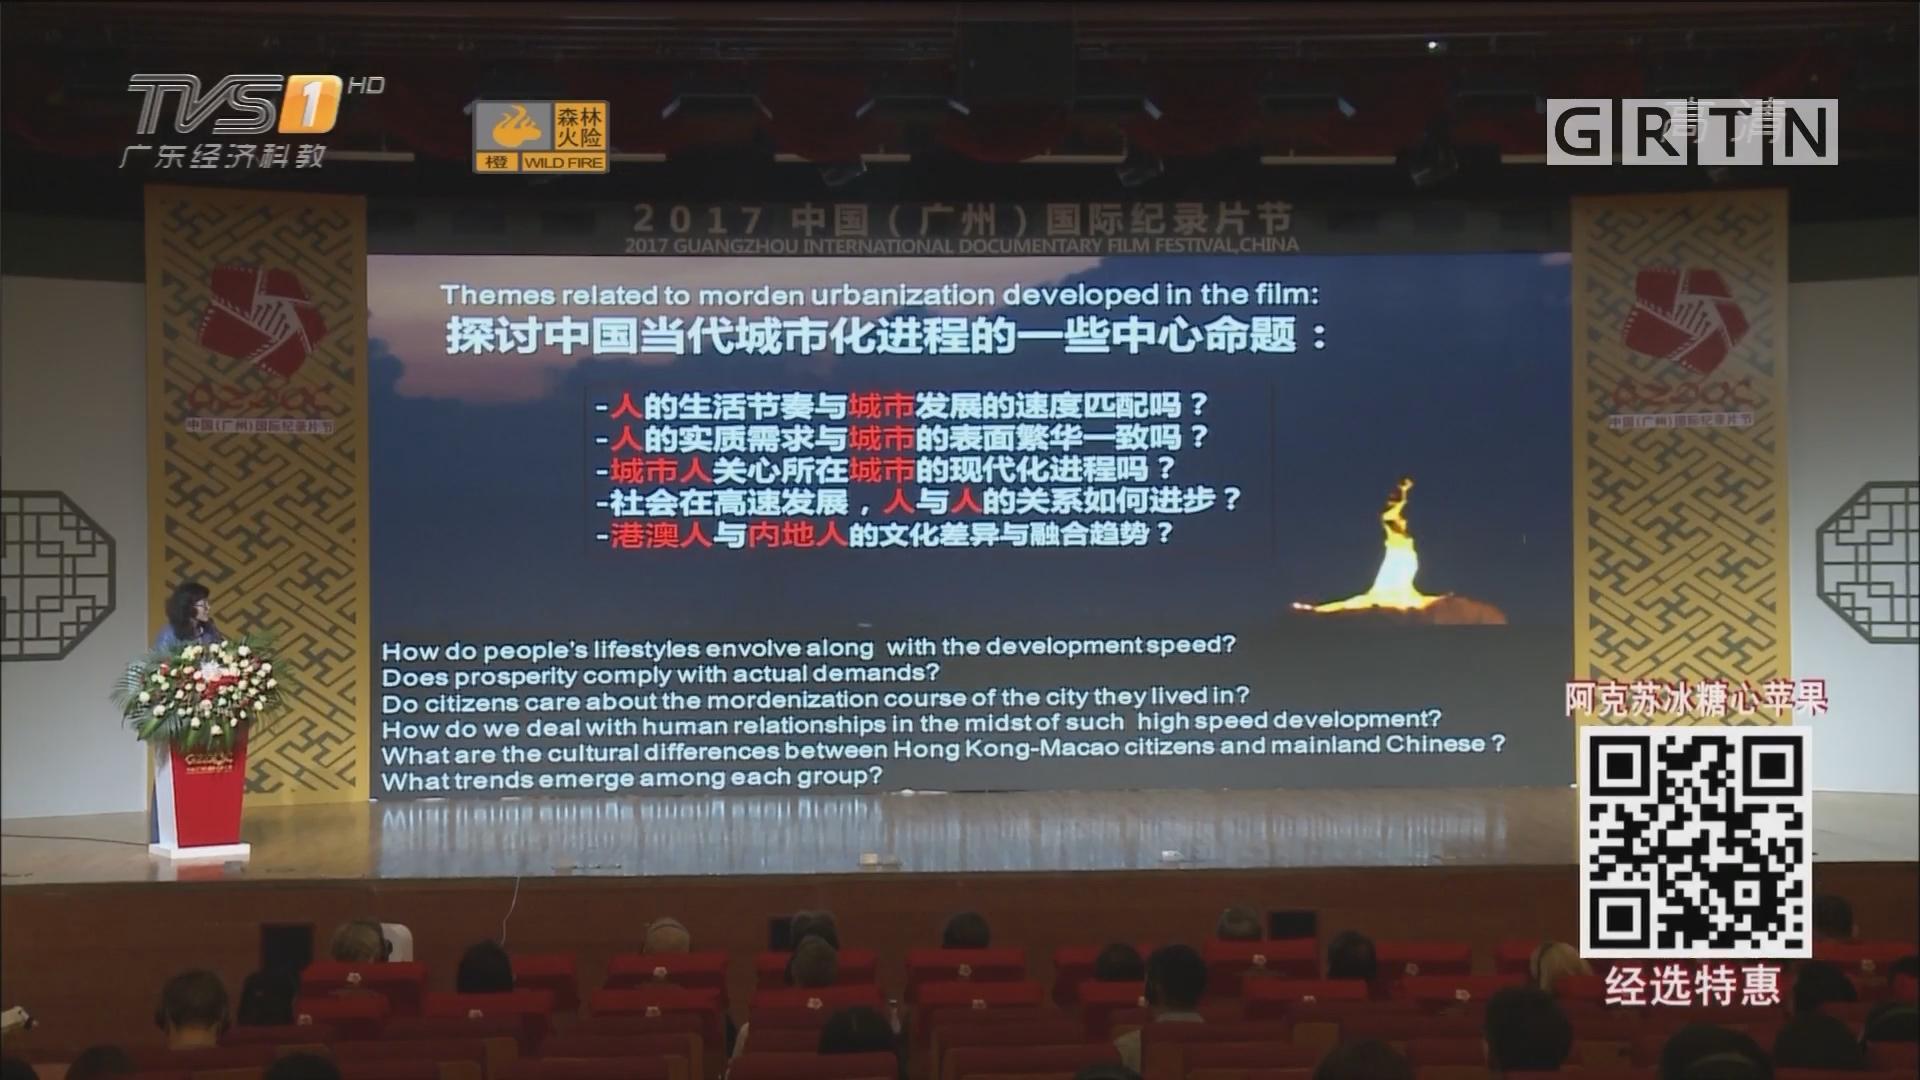 纪录片:立足现实题材 讲好中国故事